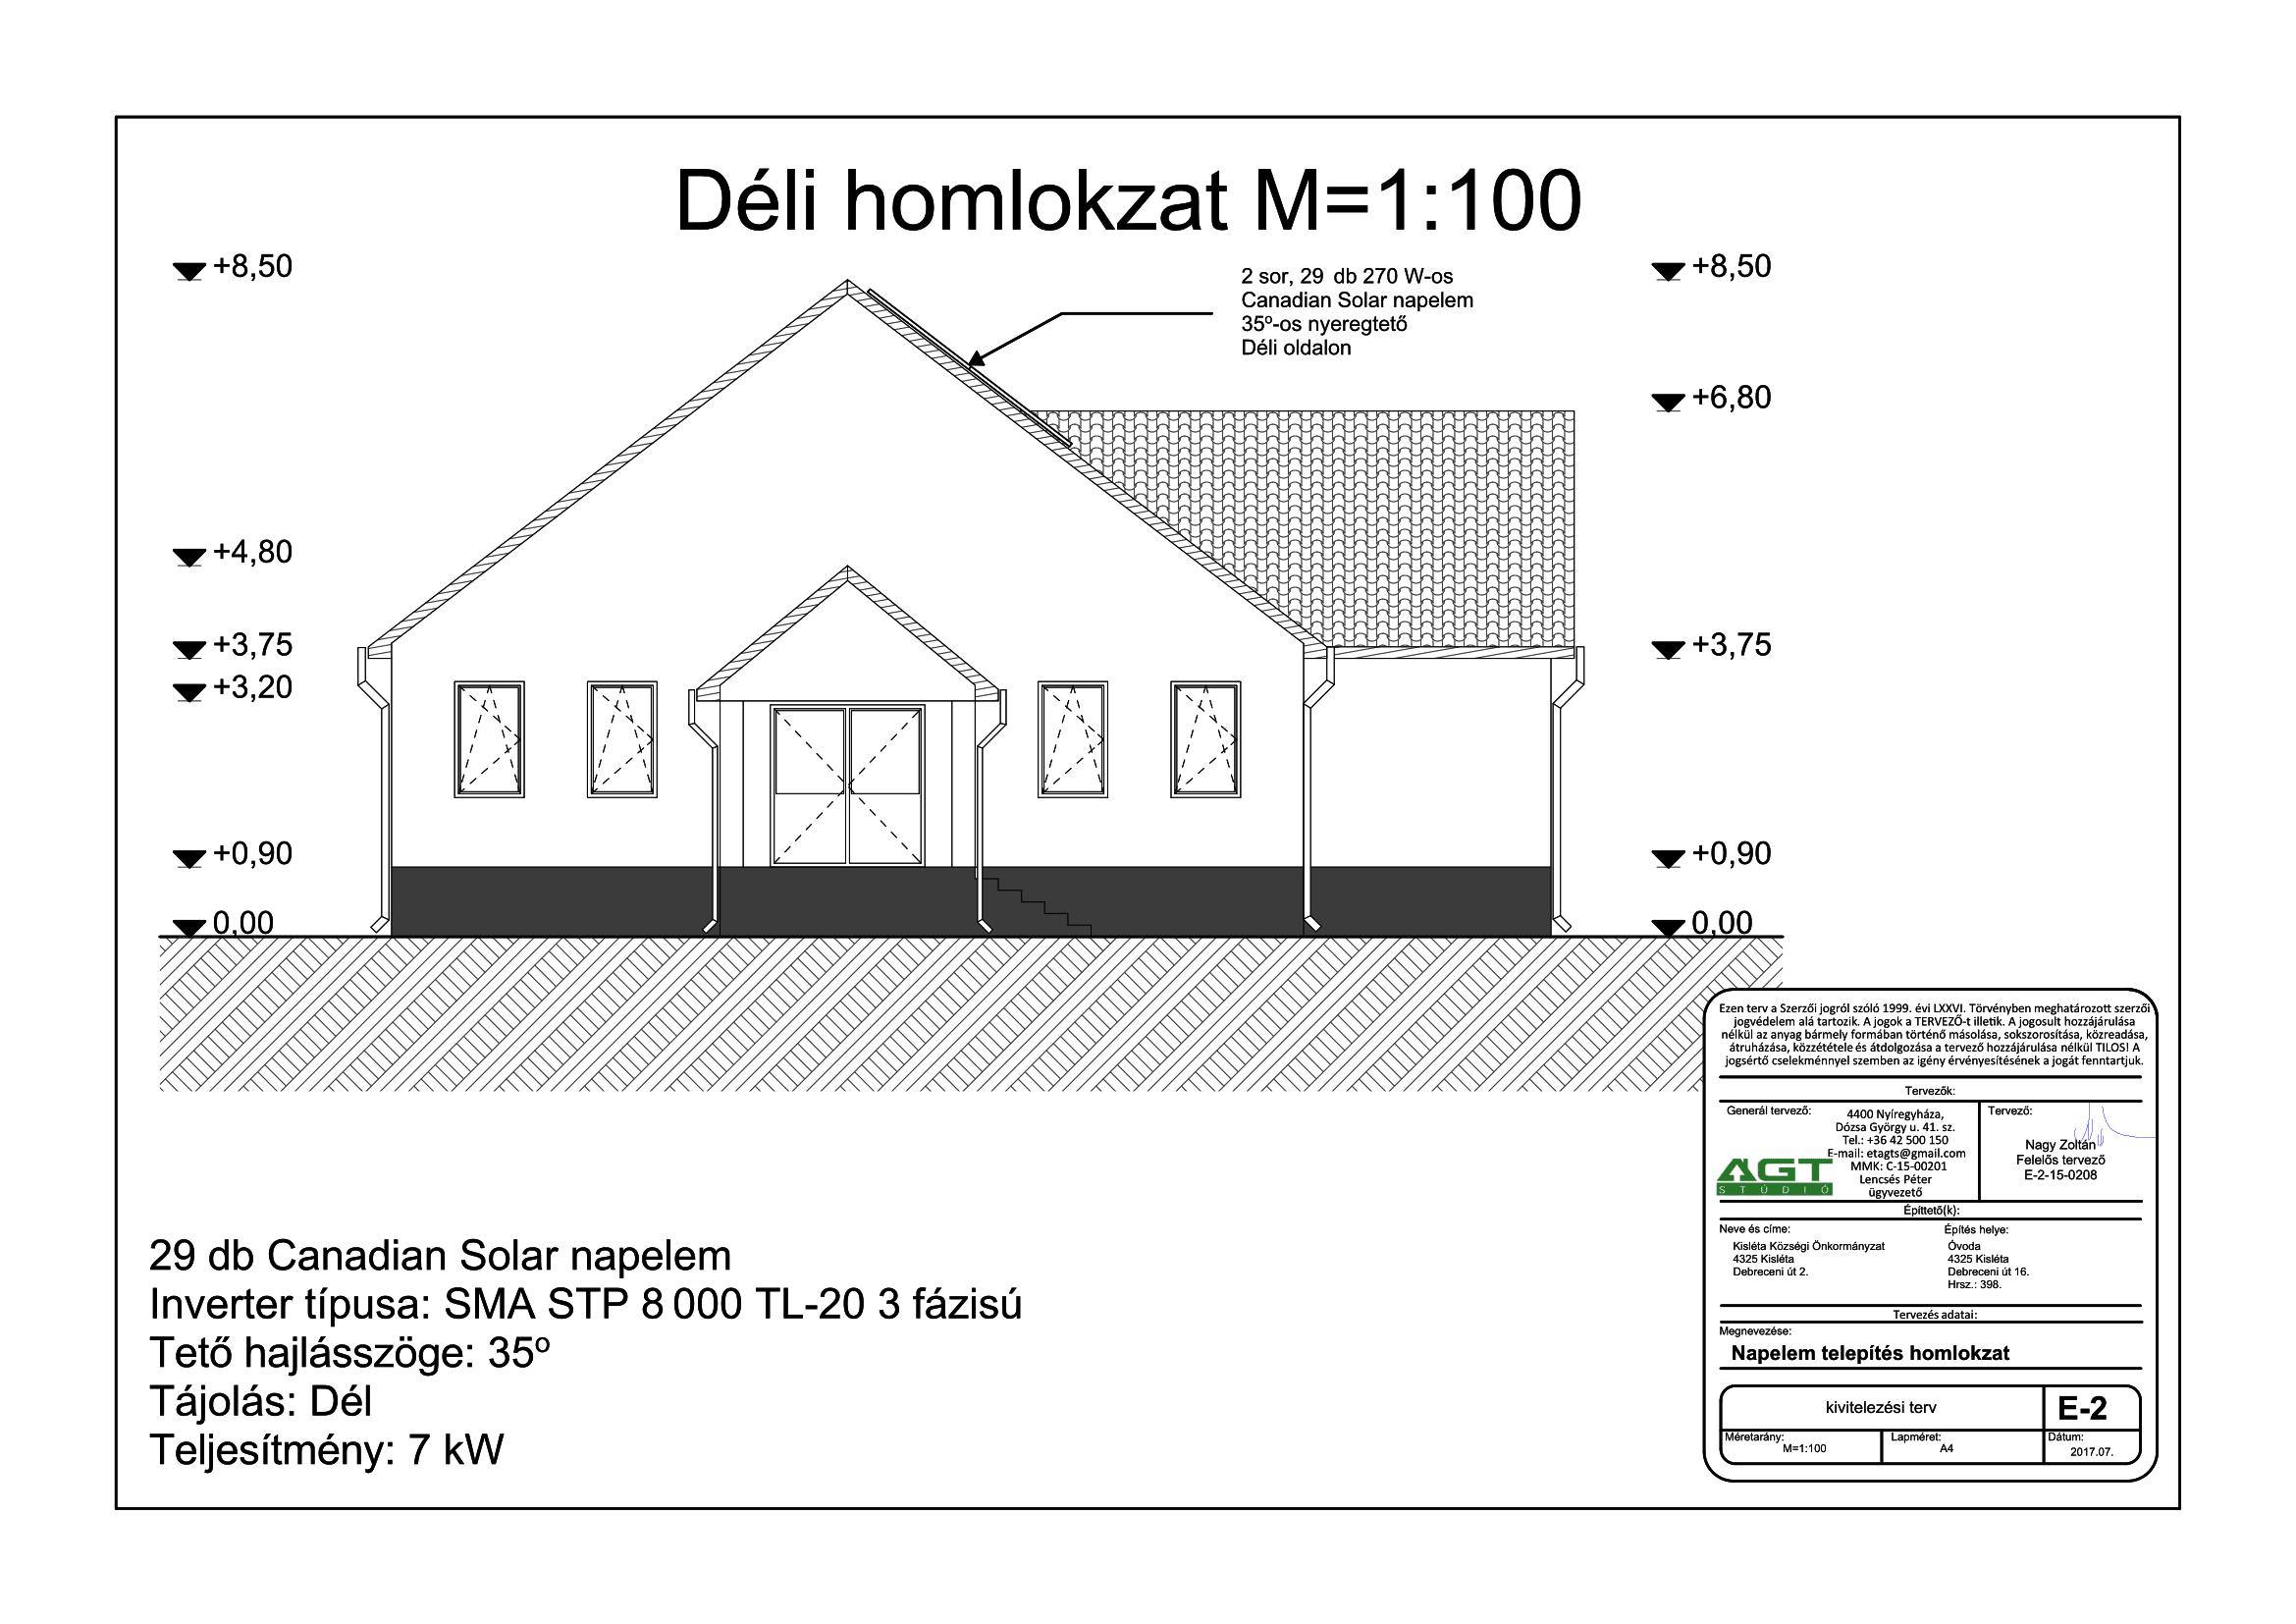 ÓVODA - E-2 Napelem tervezés homlokzat-1